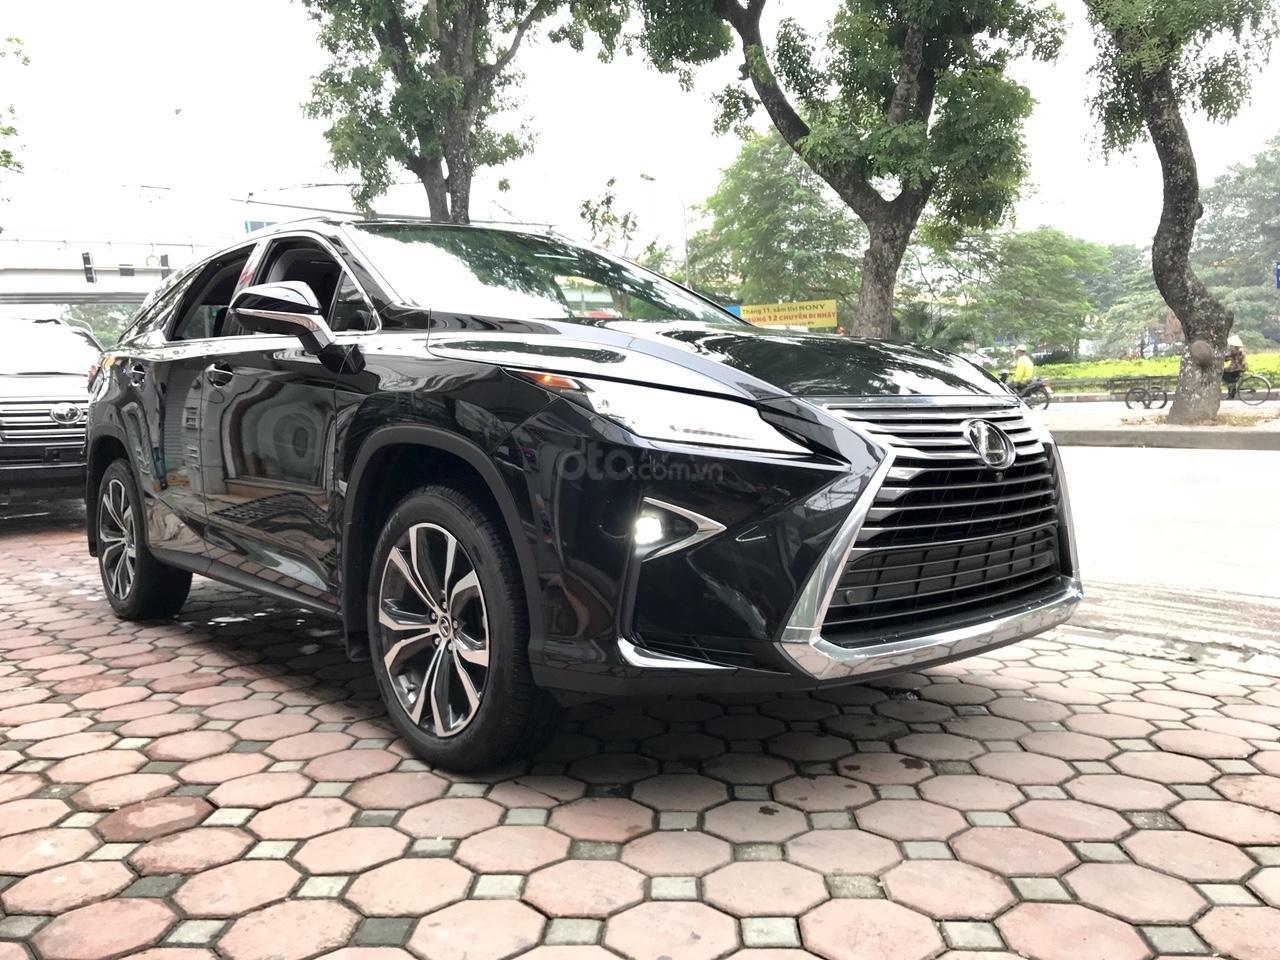 Bán Lexus RX R350L 2018, màu đen, 6 chỗ, nhập khẩu Mỹ - Mr Huân 0981.0101.61-1